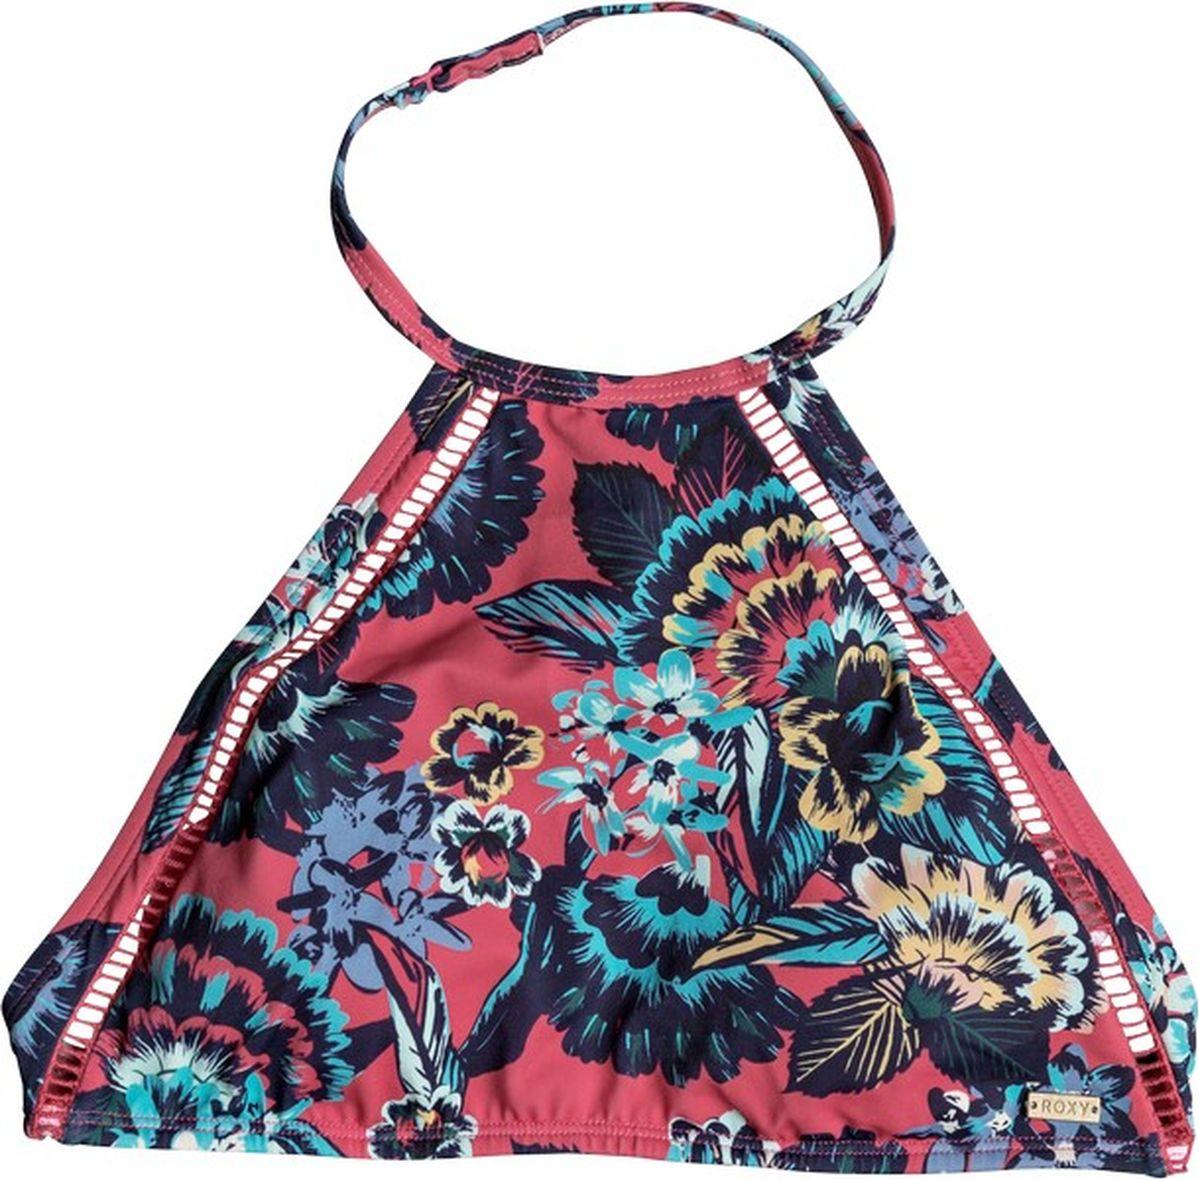 Лиф женский Roxy, цвет: красный, синий. ERJX303605-MLJ5. Размер L (46) лиф купальный женский roxy цвет черный erjx303615 kvj0 размер xs 40